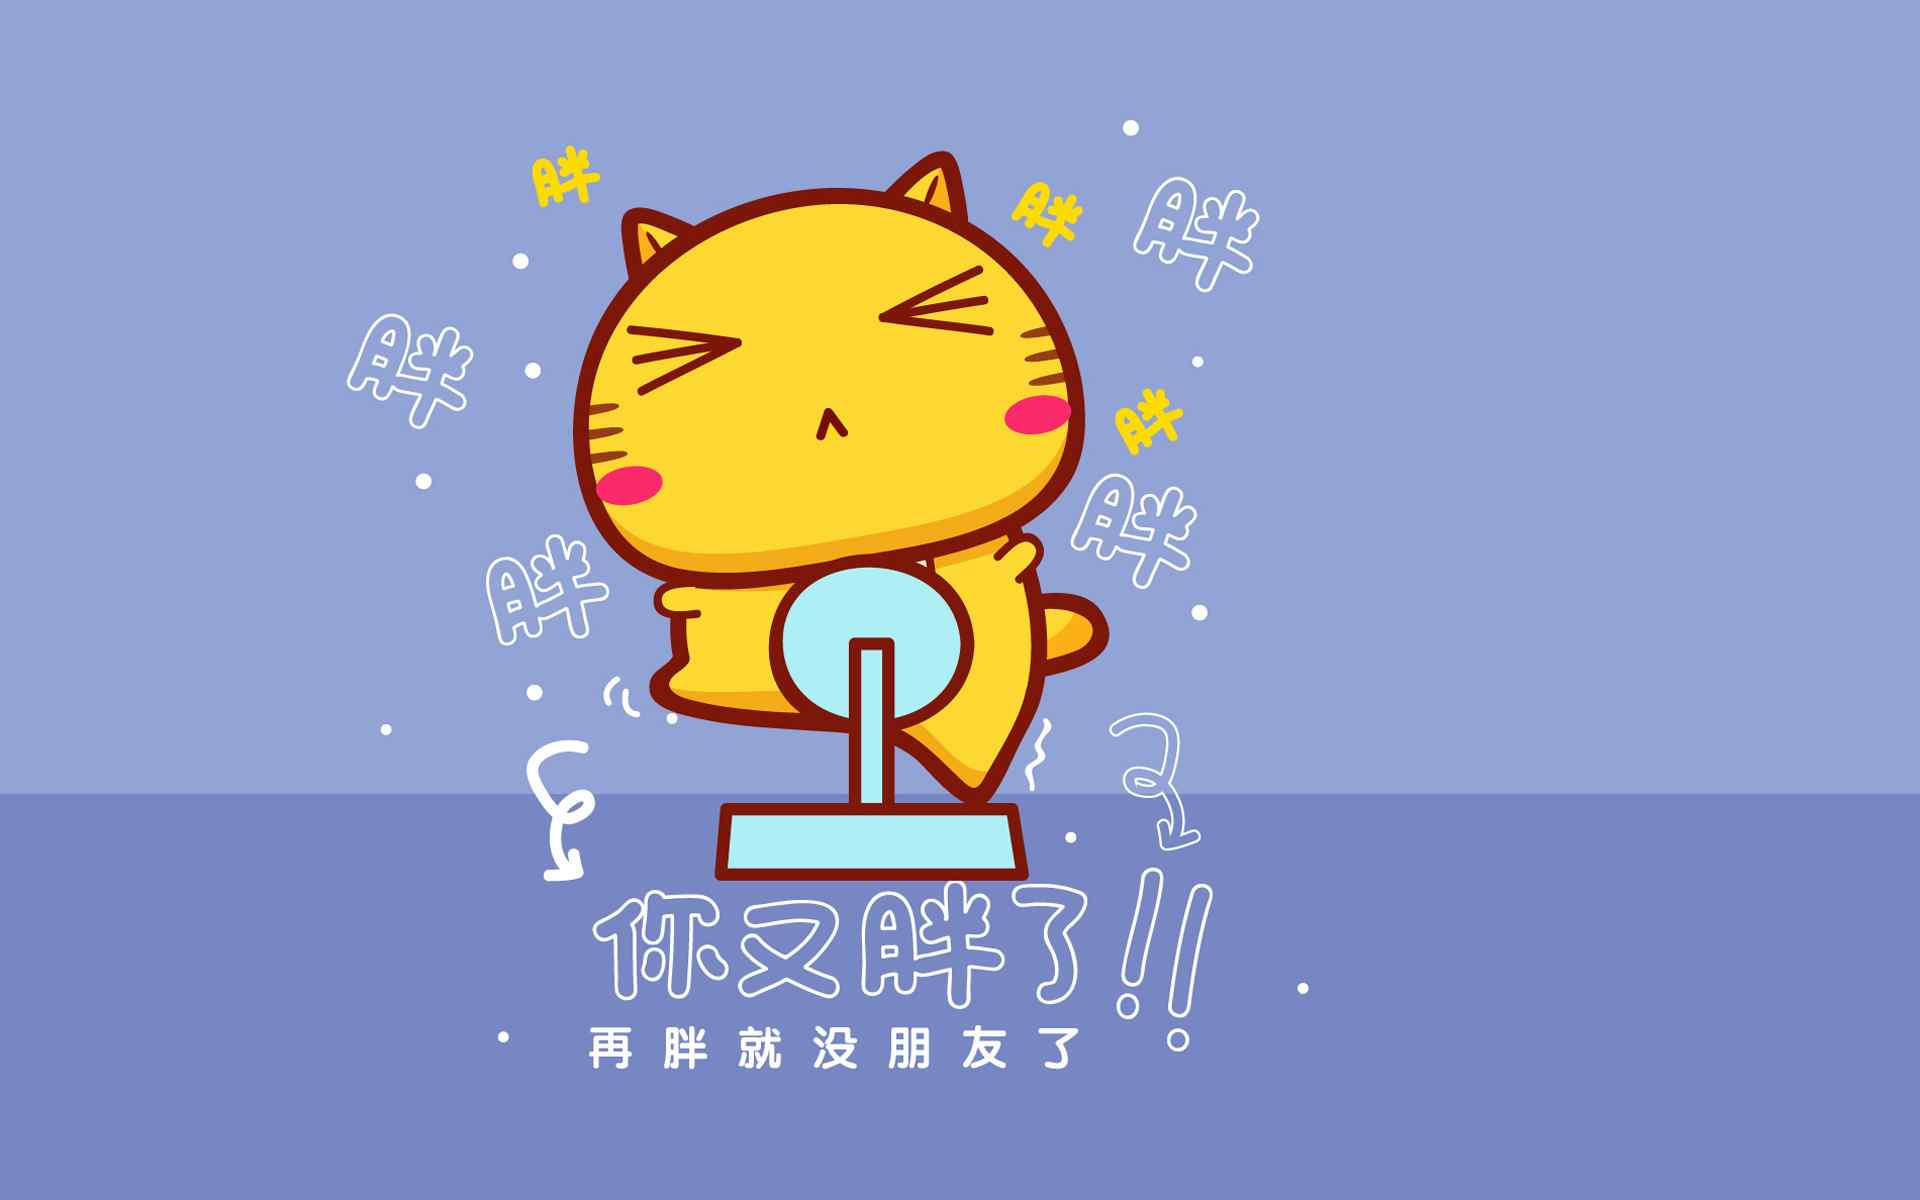 哈咪猫减肥语录卡通图片高清桌面壁纸,减肥是女人一生的话题,要么在减肥要么在减肥的路上,分享一组哈咪猫的搞笑减肥语录,换个创意十足的卡通壁纸督促自己减肥呀,欢迎继续关注桌面天下寻找更多你喜欢的优质壁纸图片。